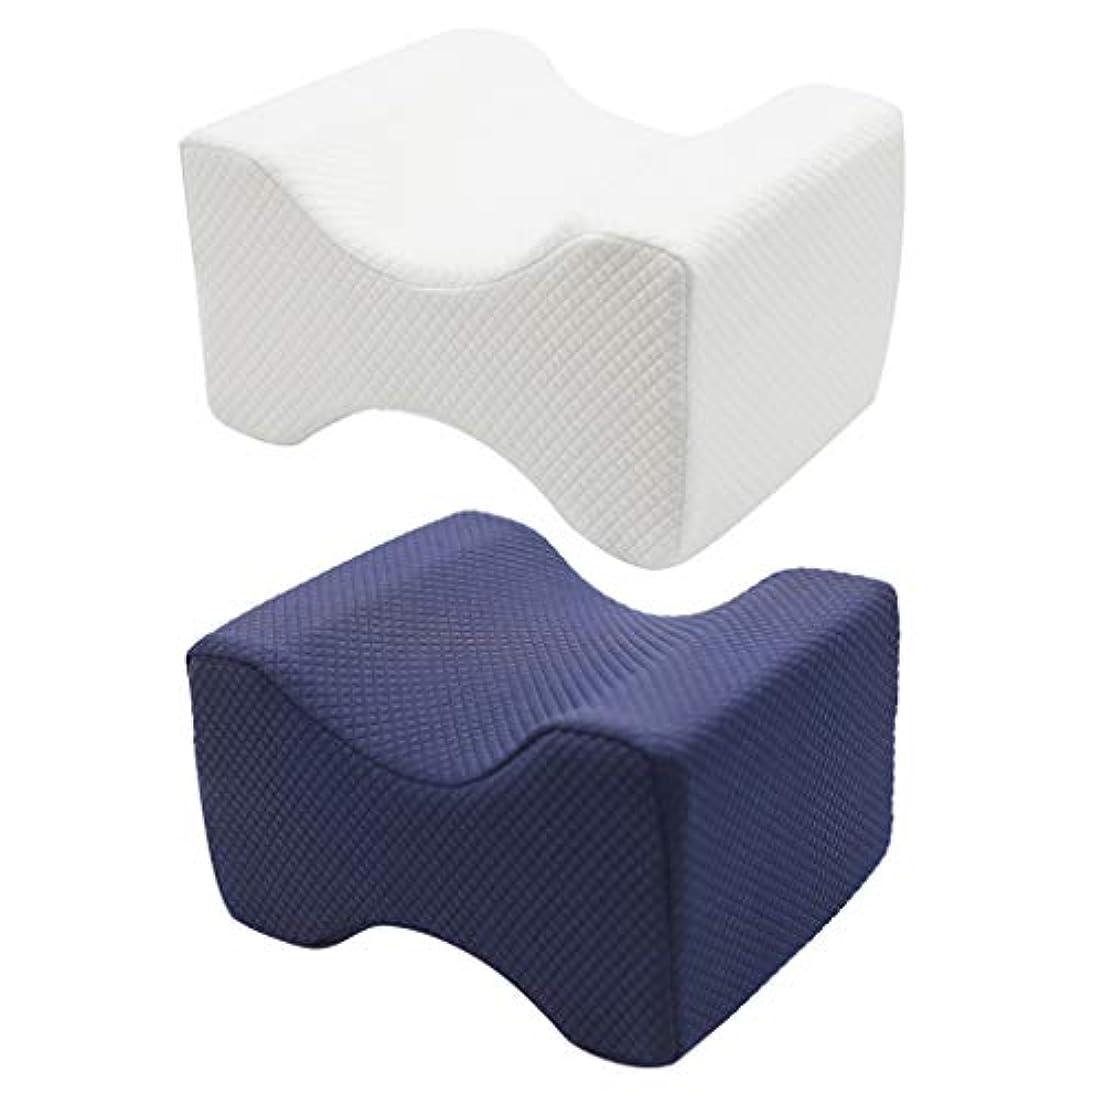 を必要としていますながら何故なのSharrring記憶枕 肩こり対策 まくら 低反発枕、快眠枕 首?頭?肩 頸椎サポート 頭痛改善 ストレートネック矯正マクラ (白)